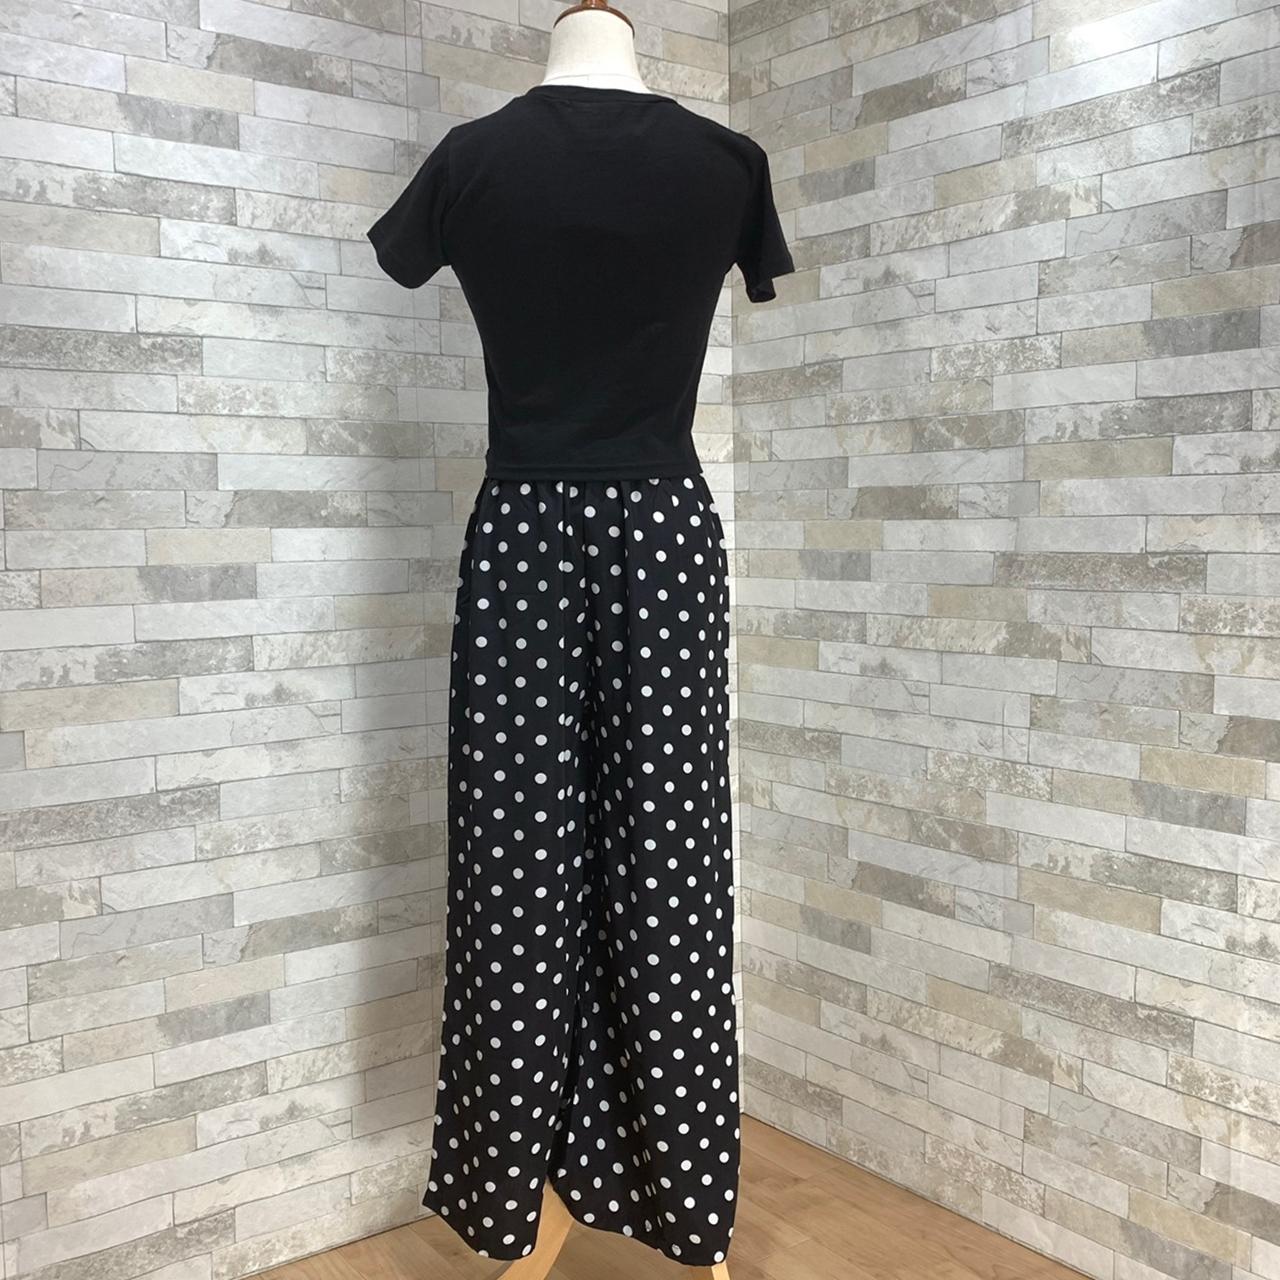 【即納】韓国 ファッション セットアップ 春 夏 カジュアル SPTXF278  クロスデザイン ショート Tシャツ シフォン ワイドストレートパンツ リゾート オルチャン シンプル 定番 セレカジの写真15枚目